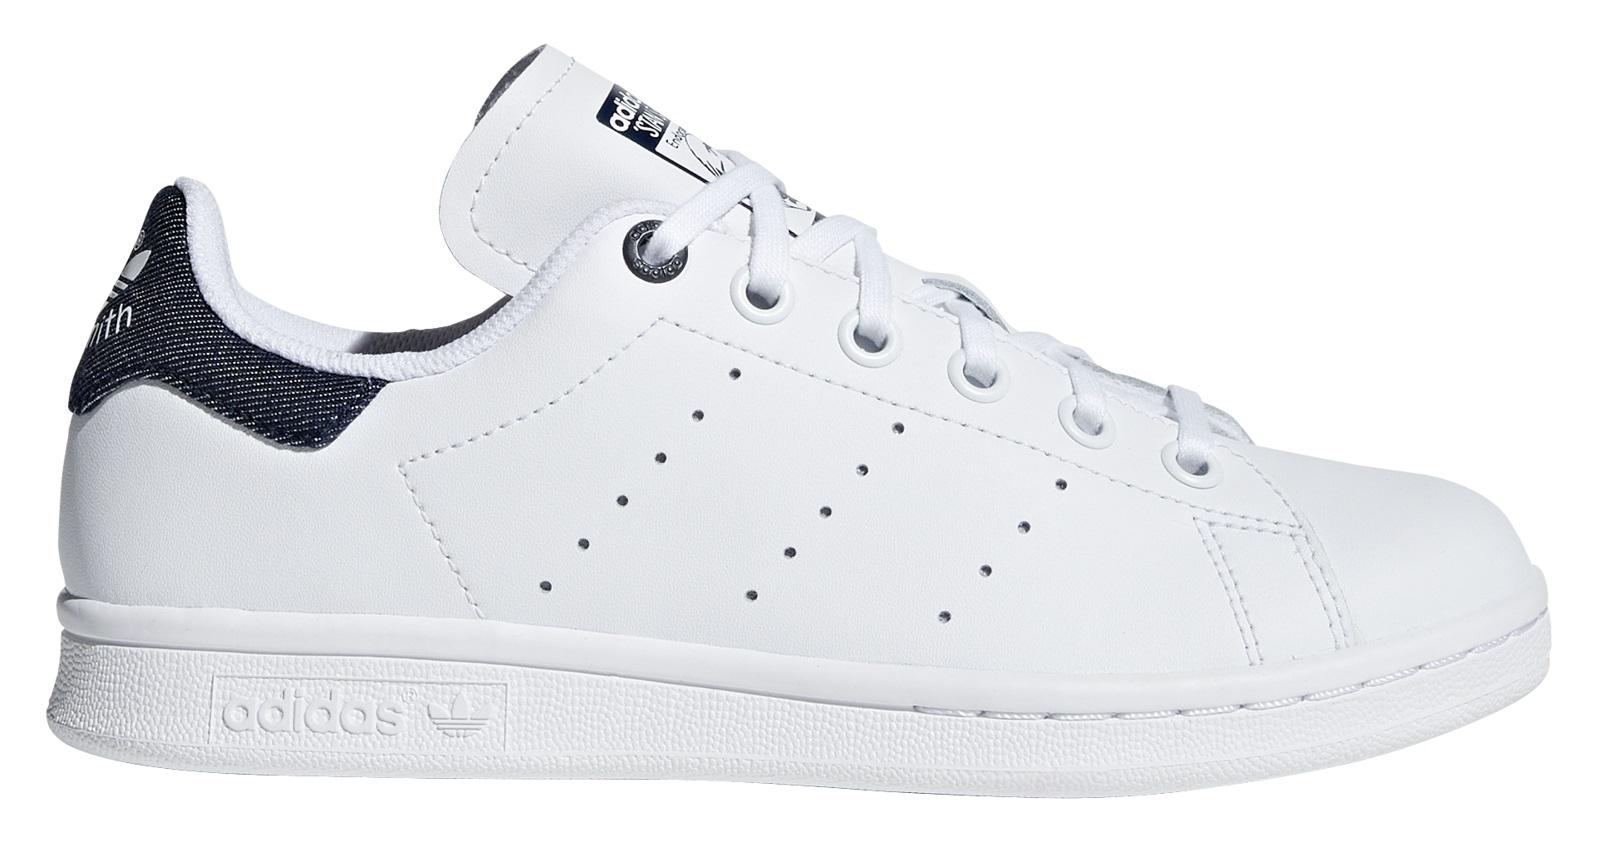 innovative design 6f3f3 ca7d1 Junior Running Shoes Stan Smith colore White Blue - Adidas Originals -  SportIT.com